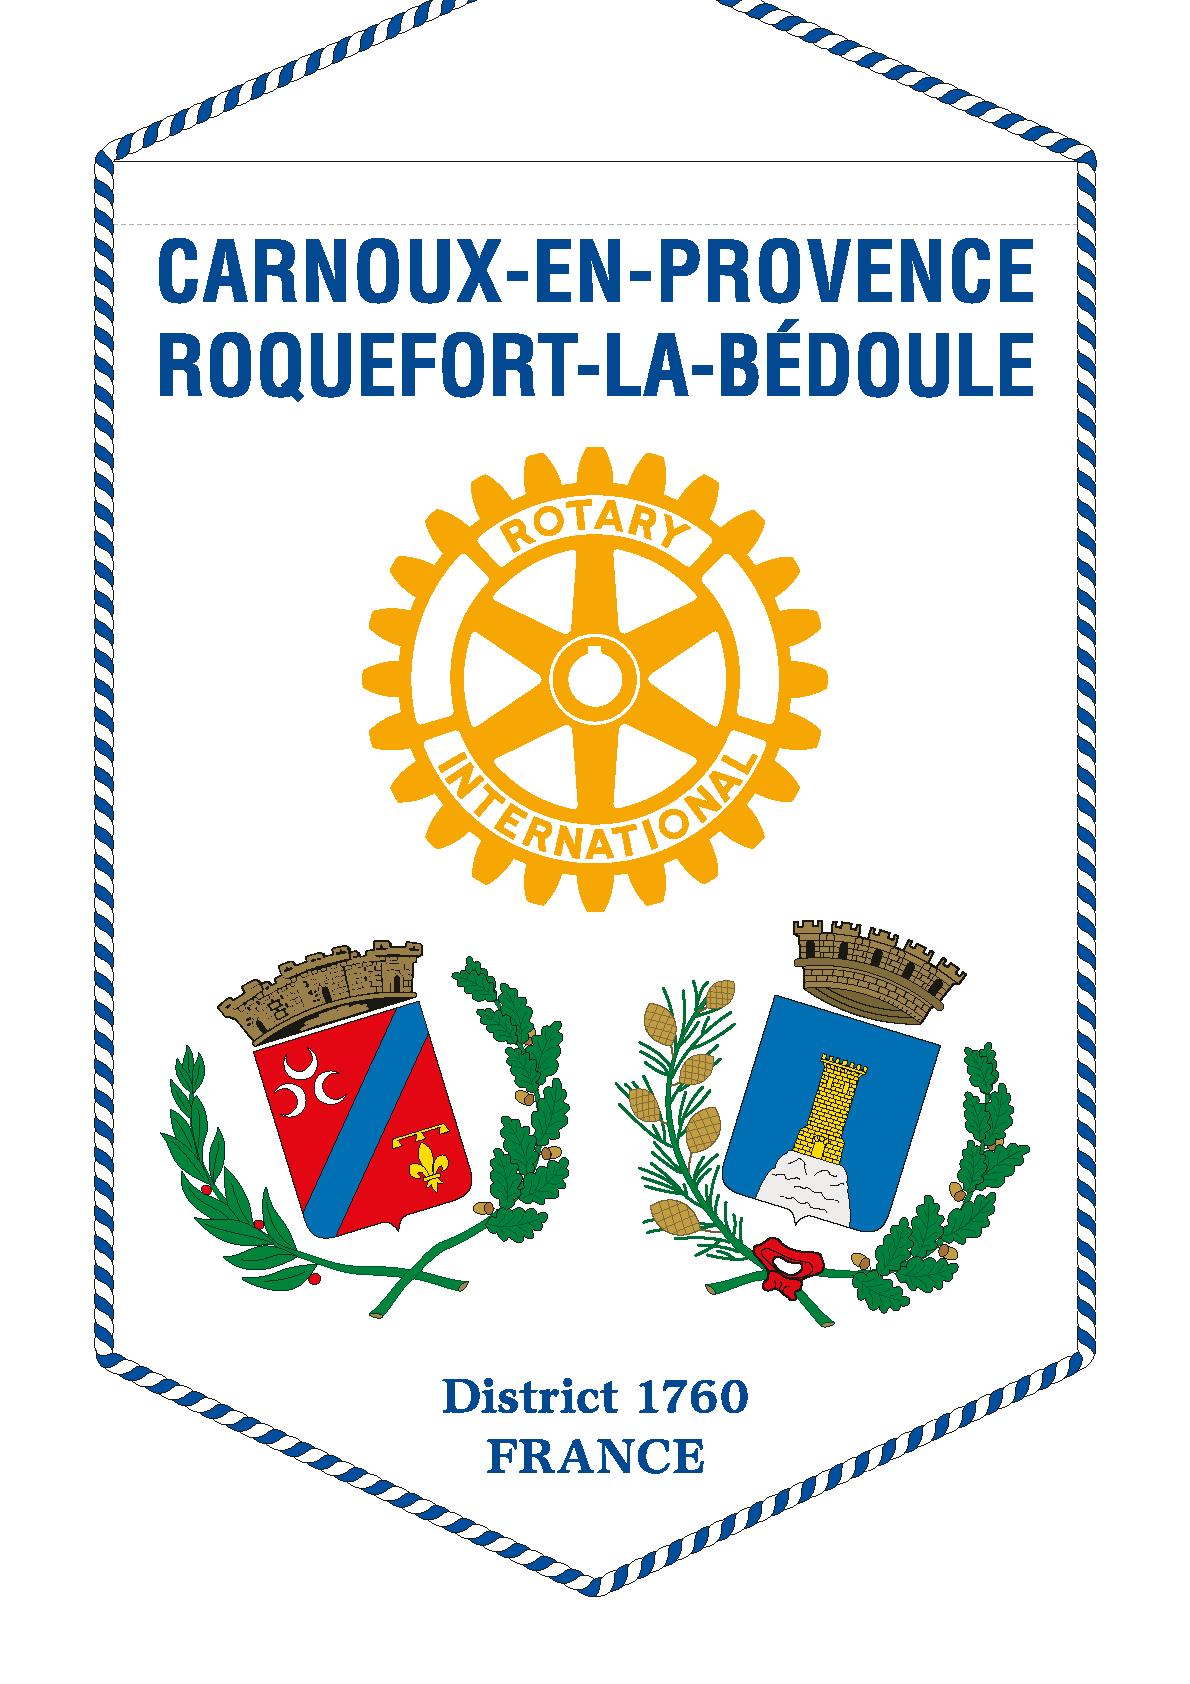 FANION ROTARY CLUB CARNOUX EN PROVENCE_ROQUEFORT_LA_BEDOULE